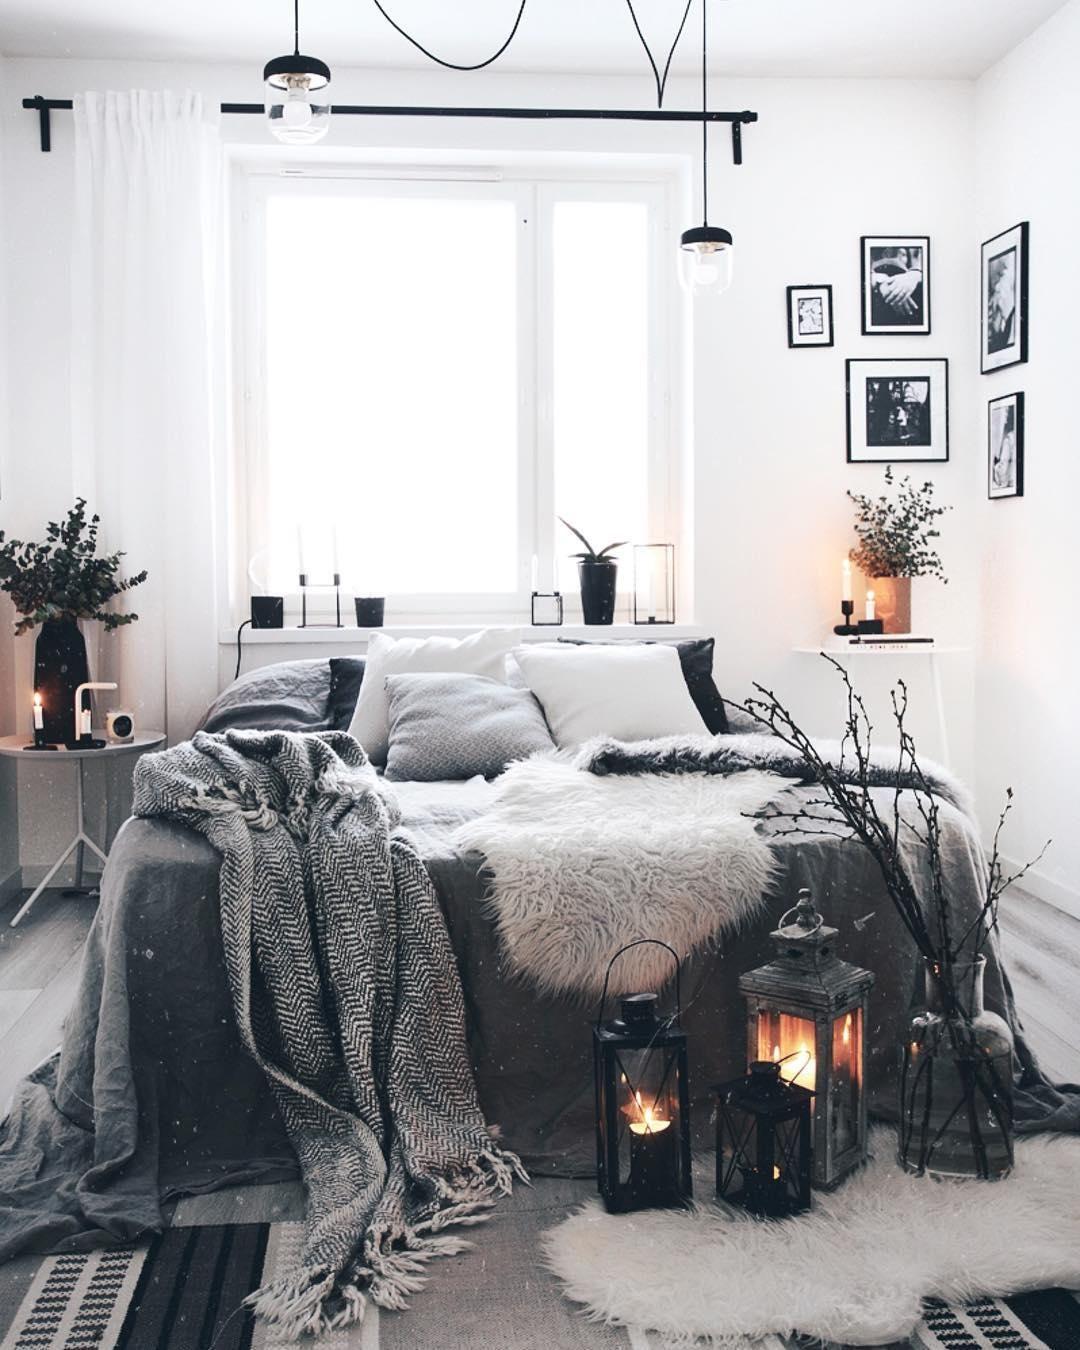 Romantisches schlafzimmer interieur schaffell carry  schlafzimmer u ankleidezimmer  pinterest  room